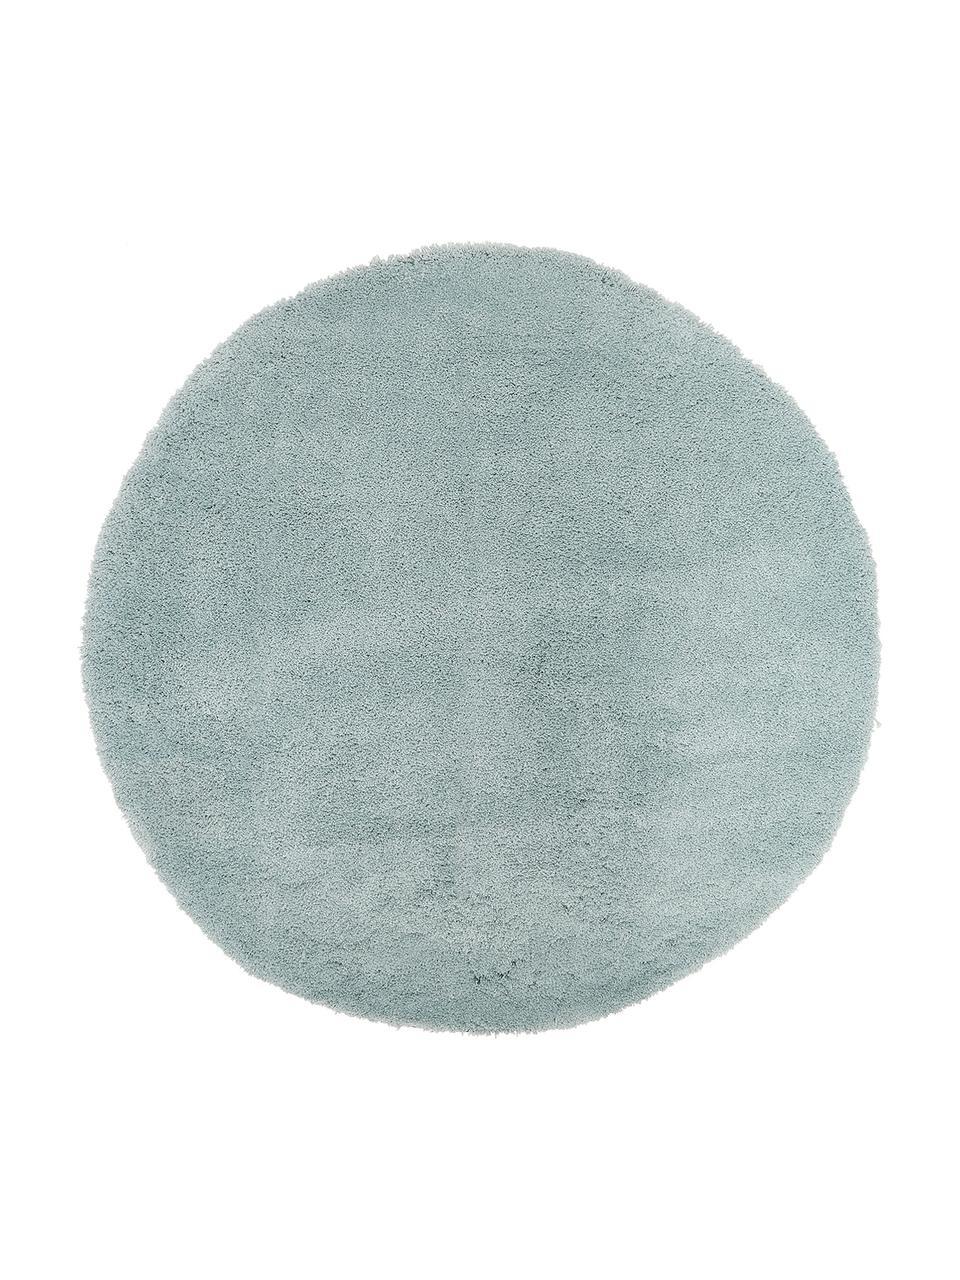 Tappeto peloso rotondo verde menta Leighton, Retro: 70% poliestere, 30% coton, Verde menta, Ø 200 cm (taglia L)